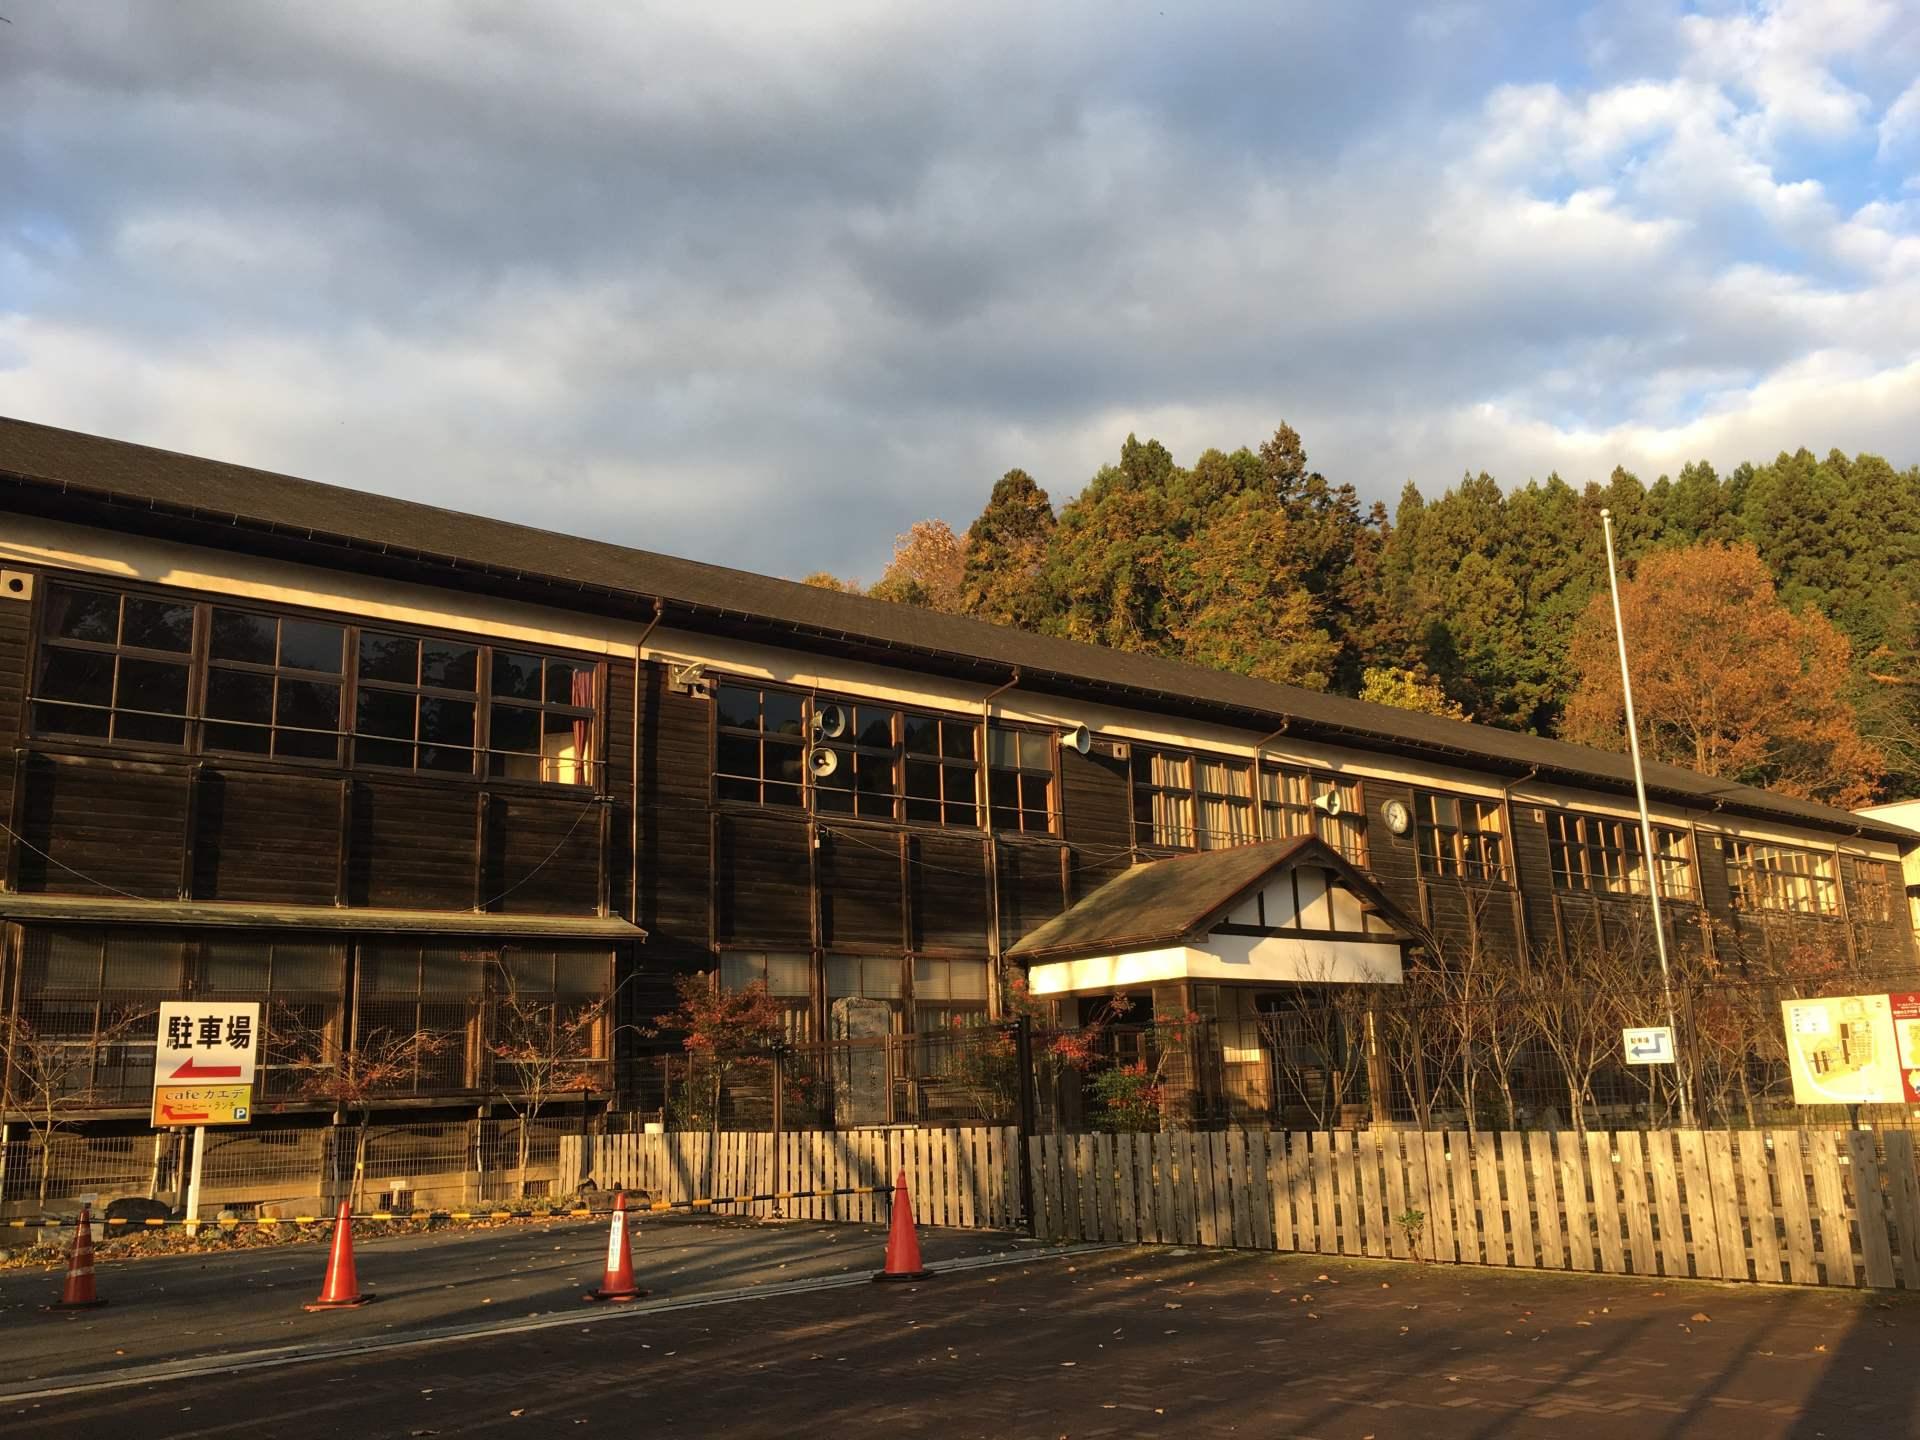 秋季造訪宇陀市校舍,欣賞紅葉體驗學校午餐